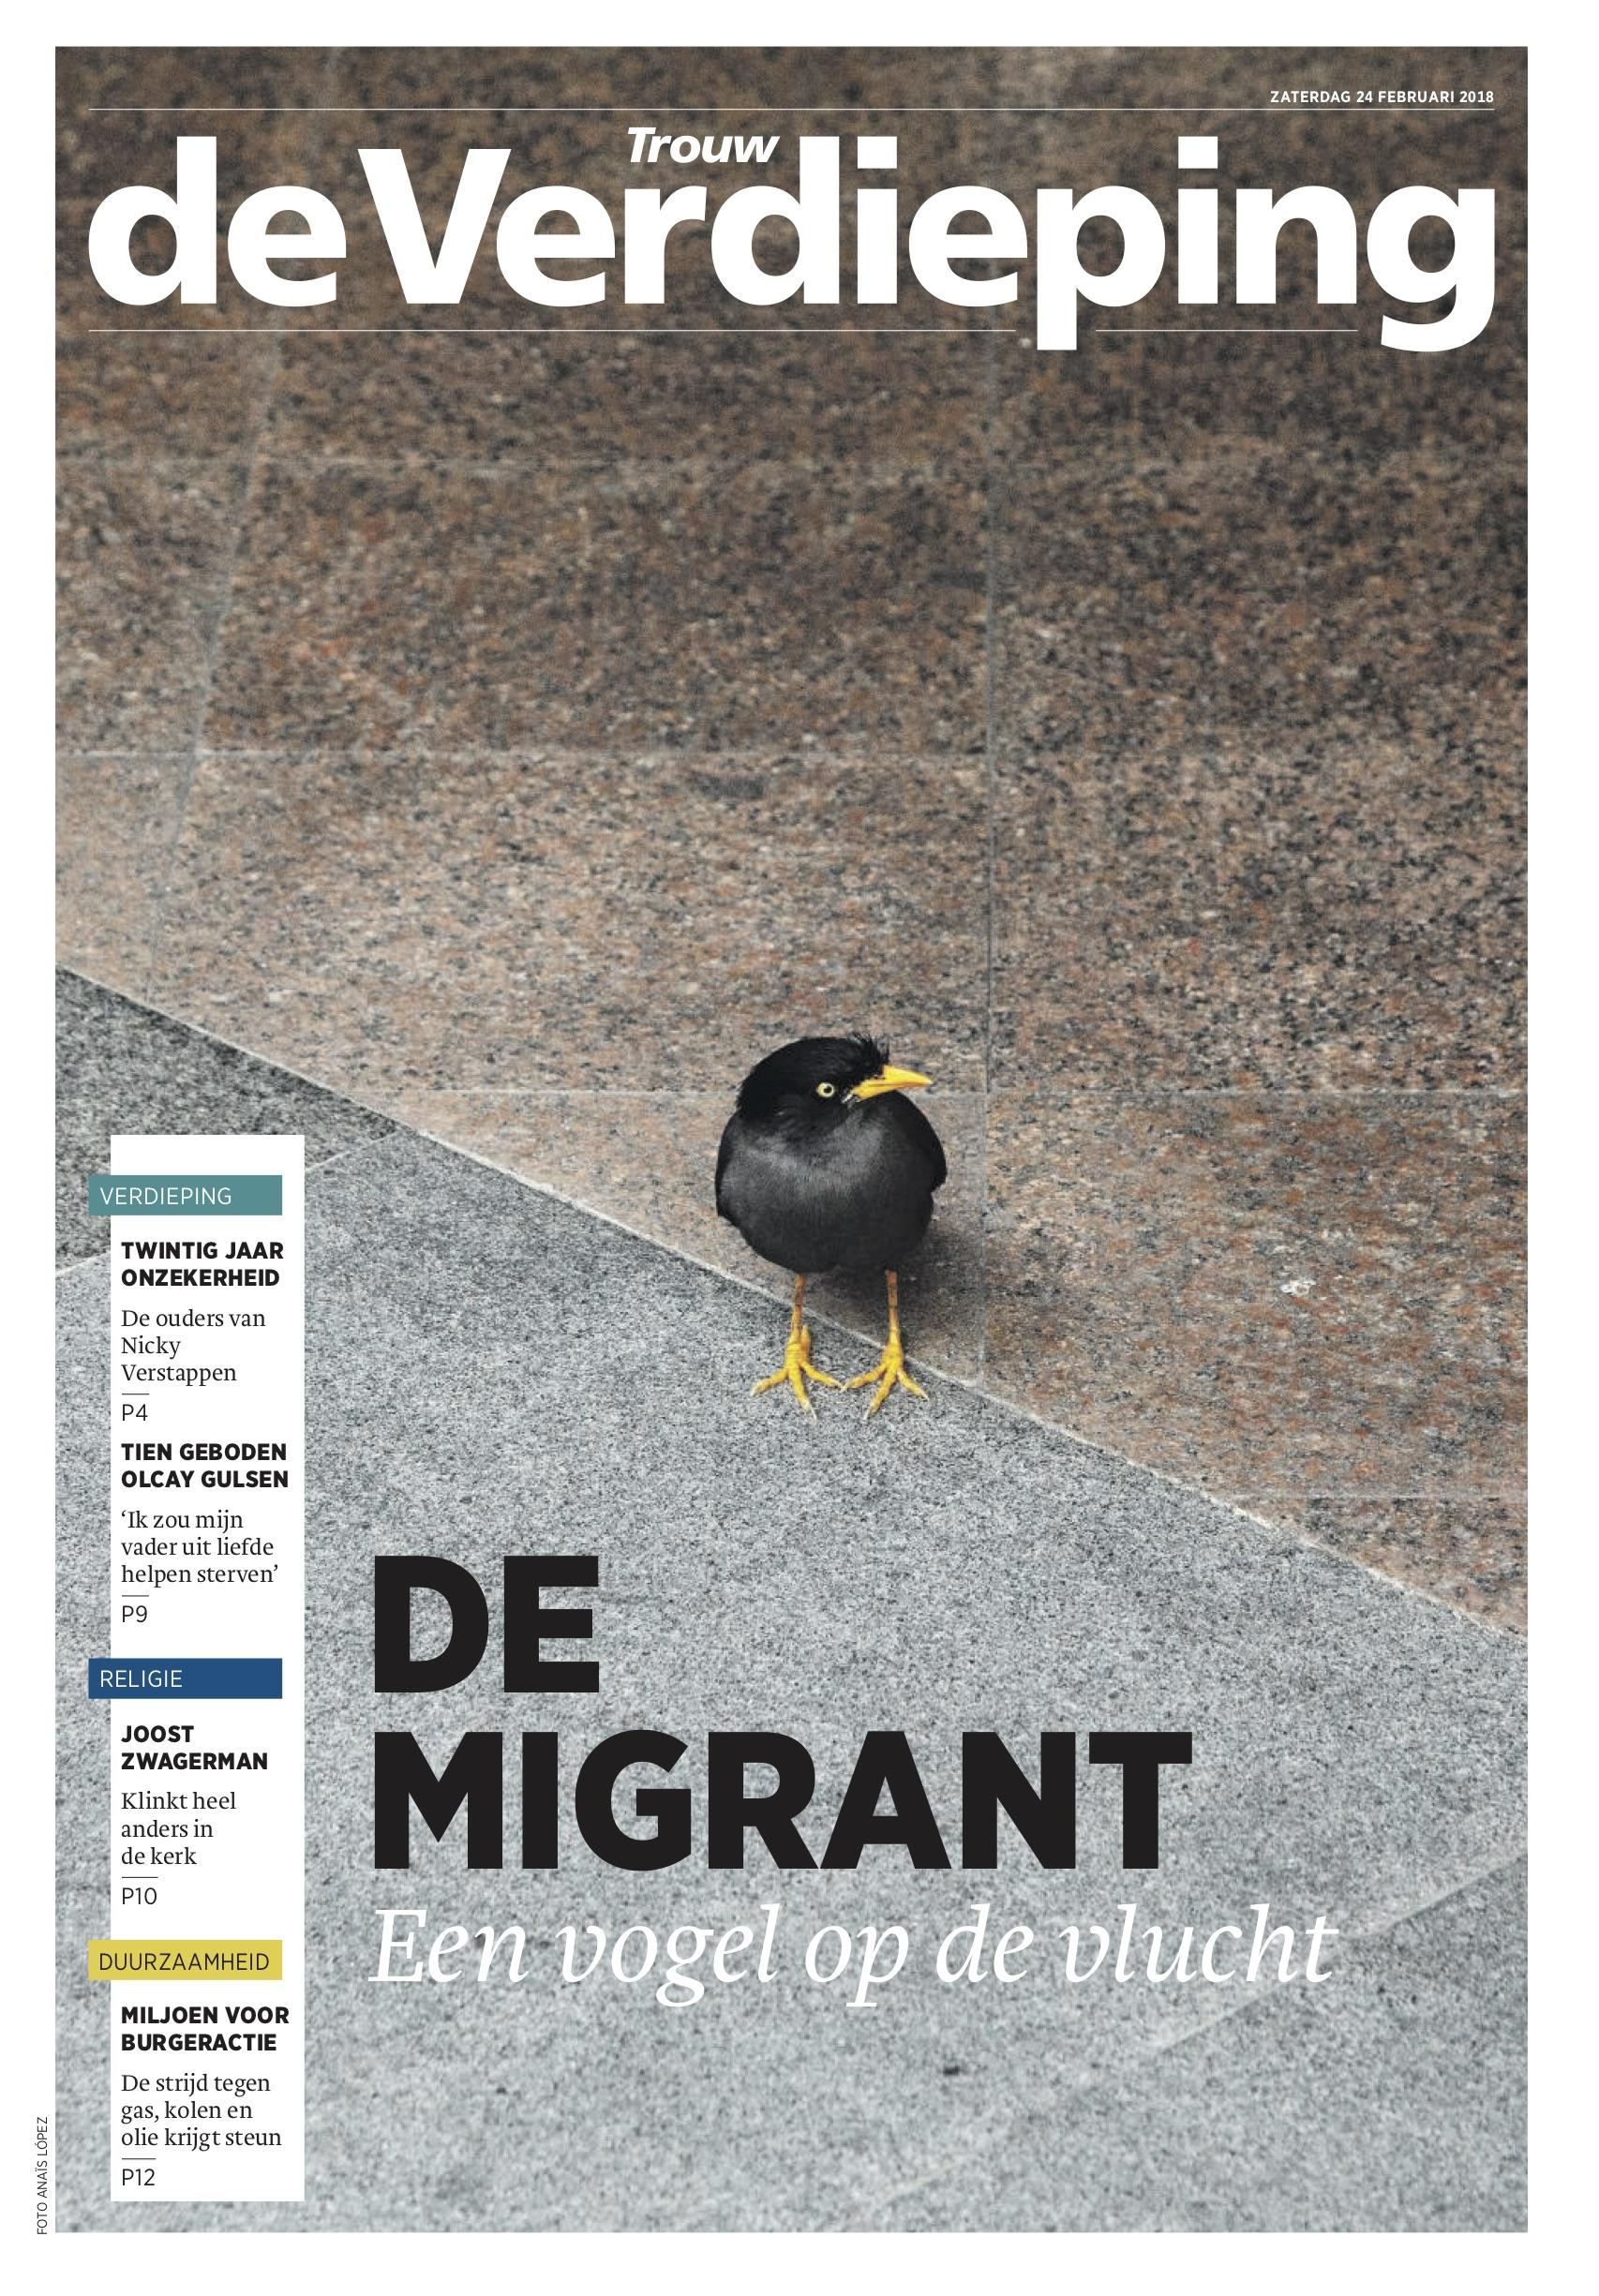 trouw migrant.jpg